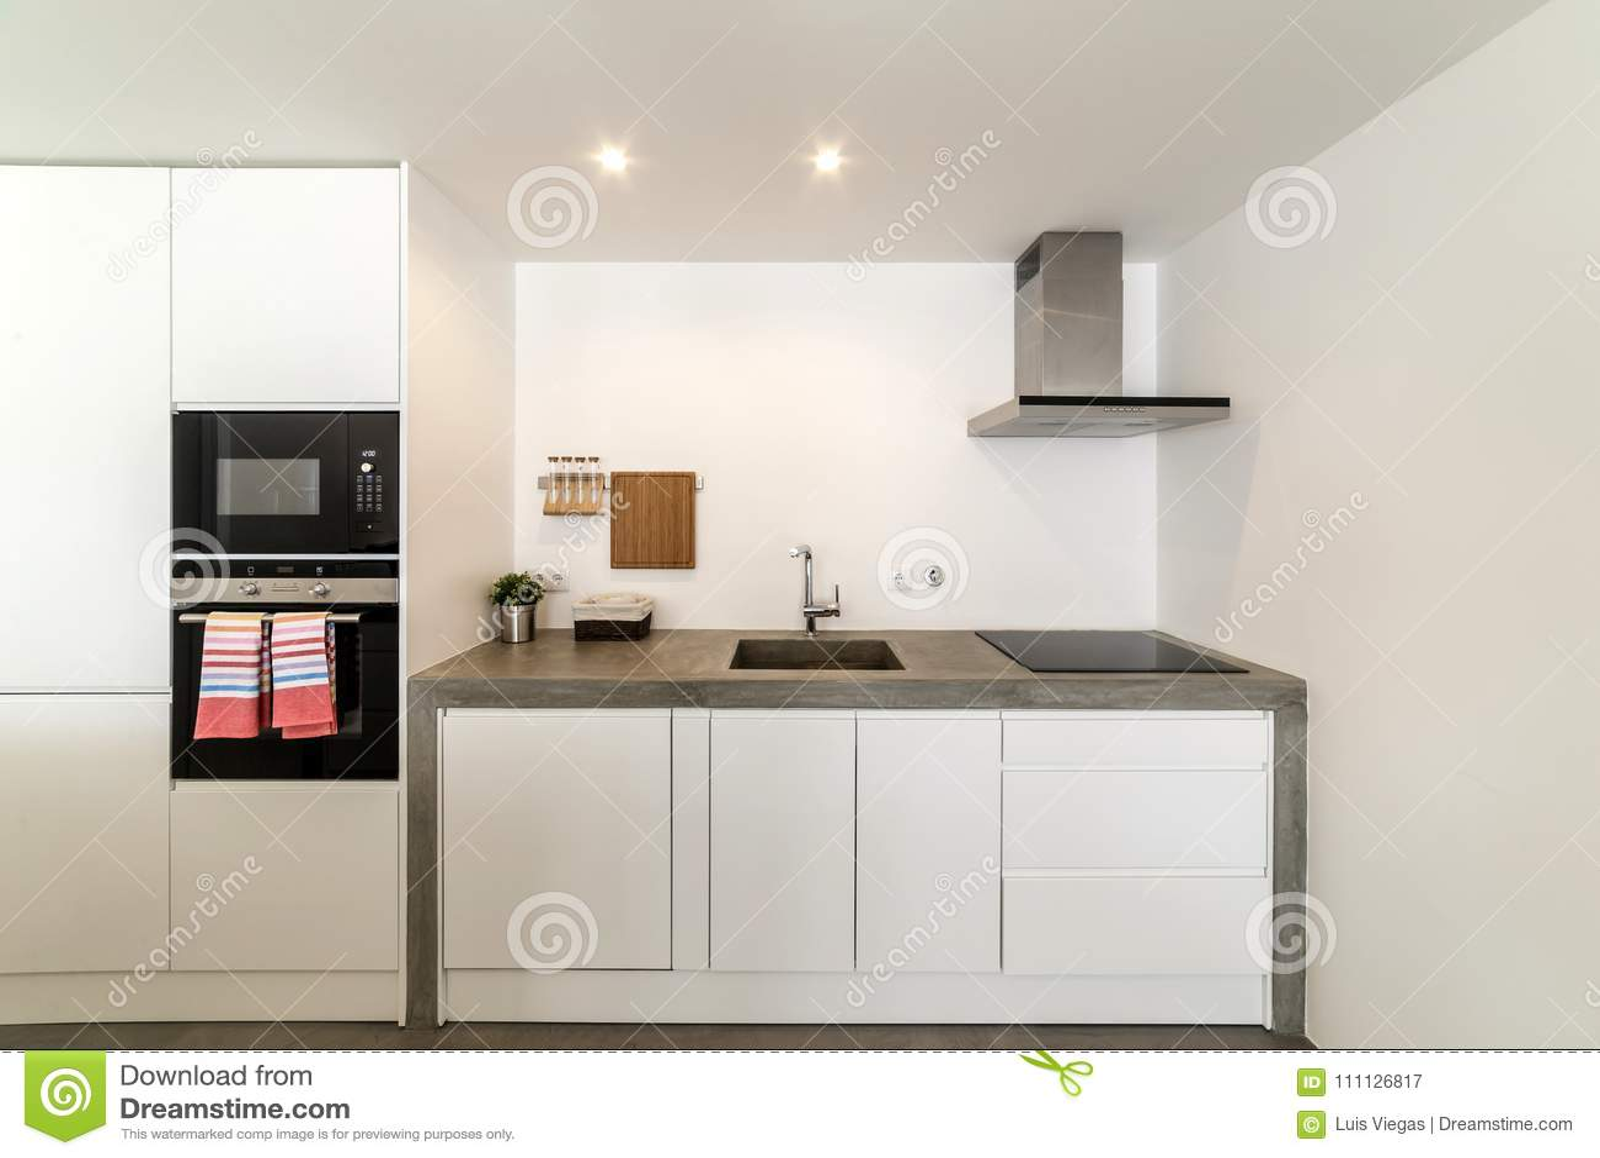 Moderne Keukens Afbeeldingen : Moderne keuken met grijze tegel en witte muur stock afbeelding